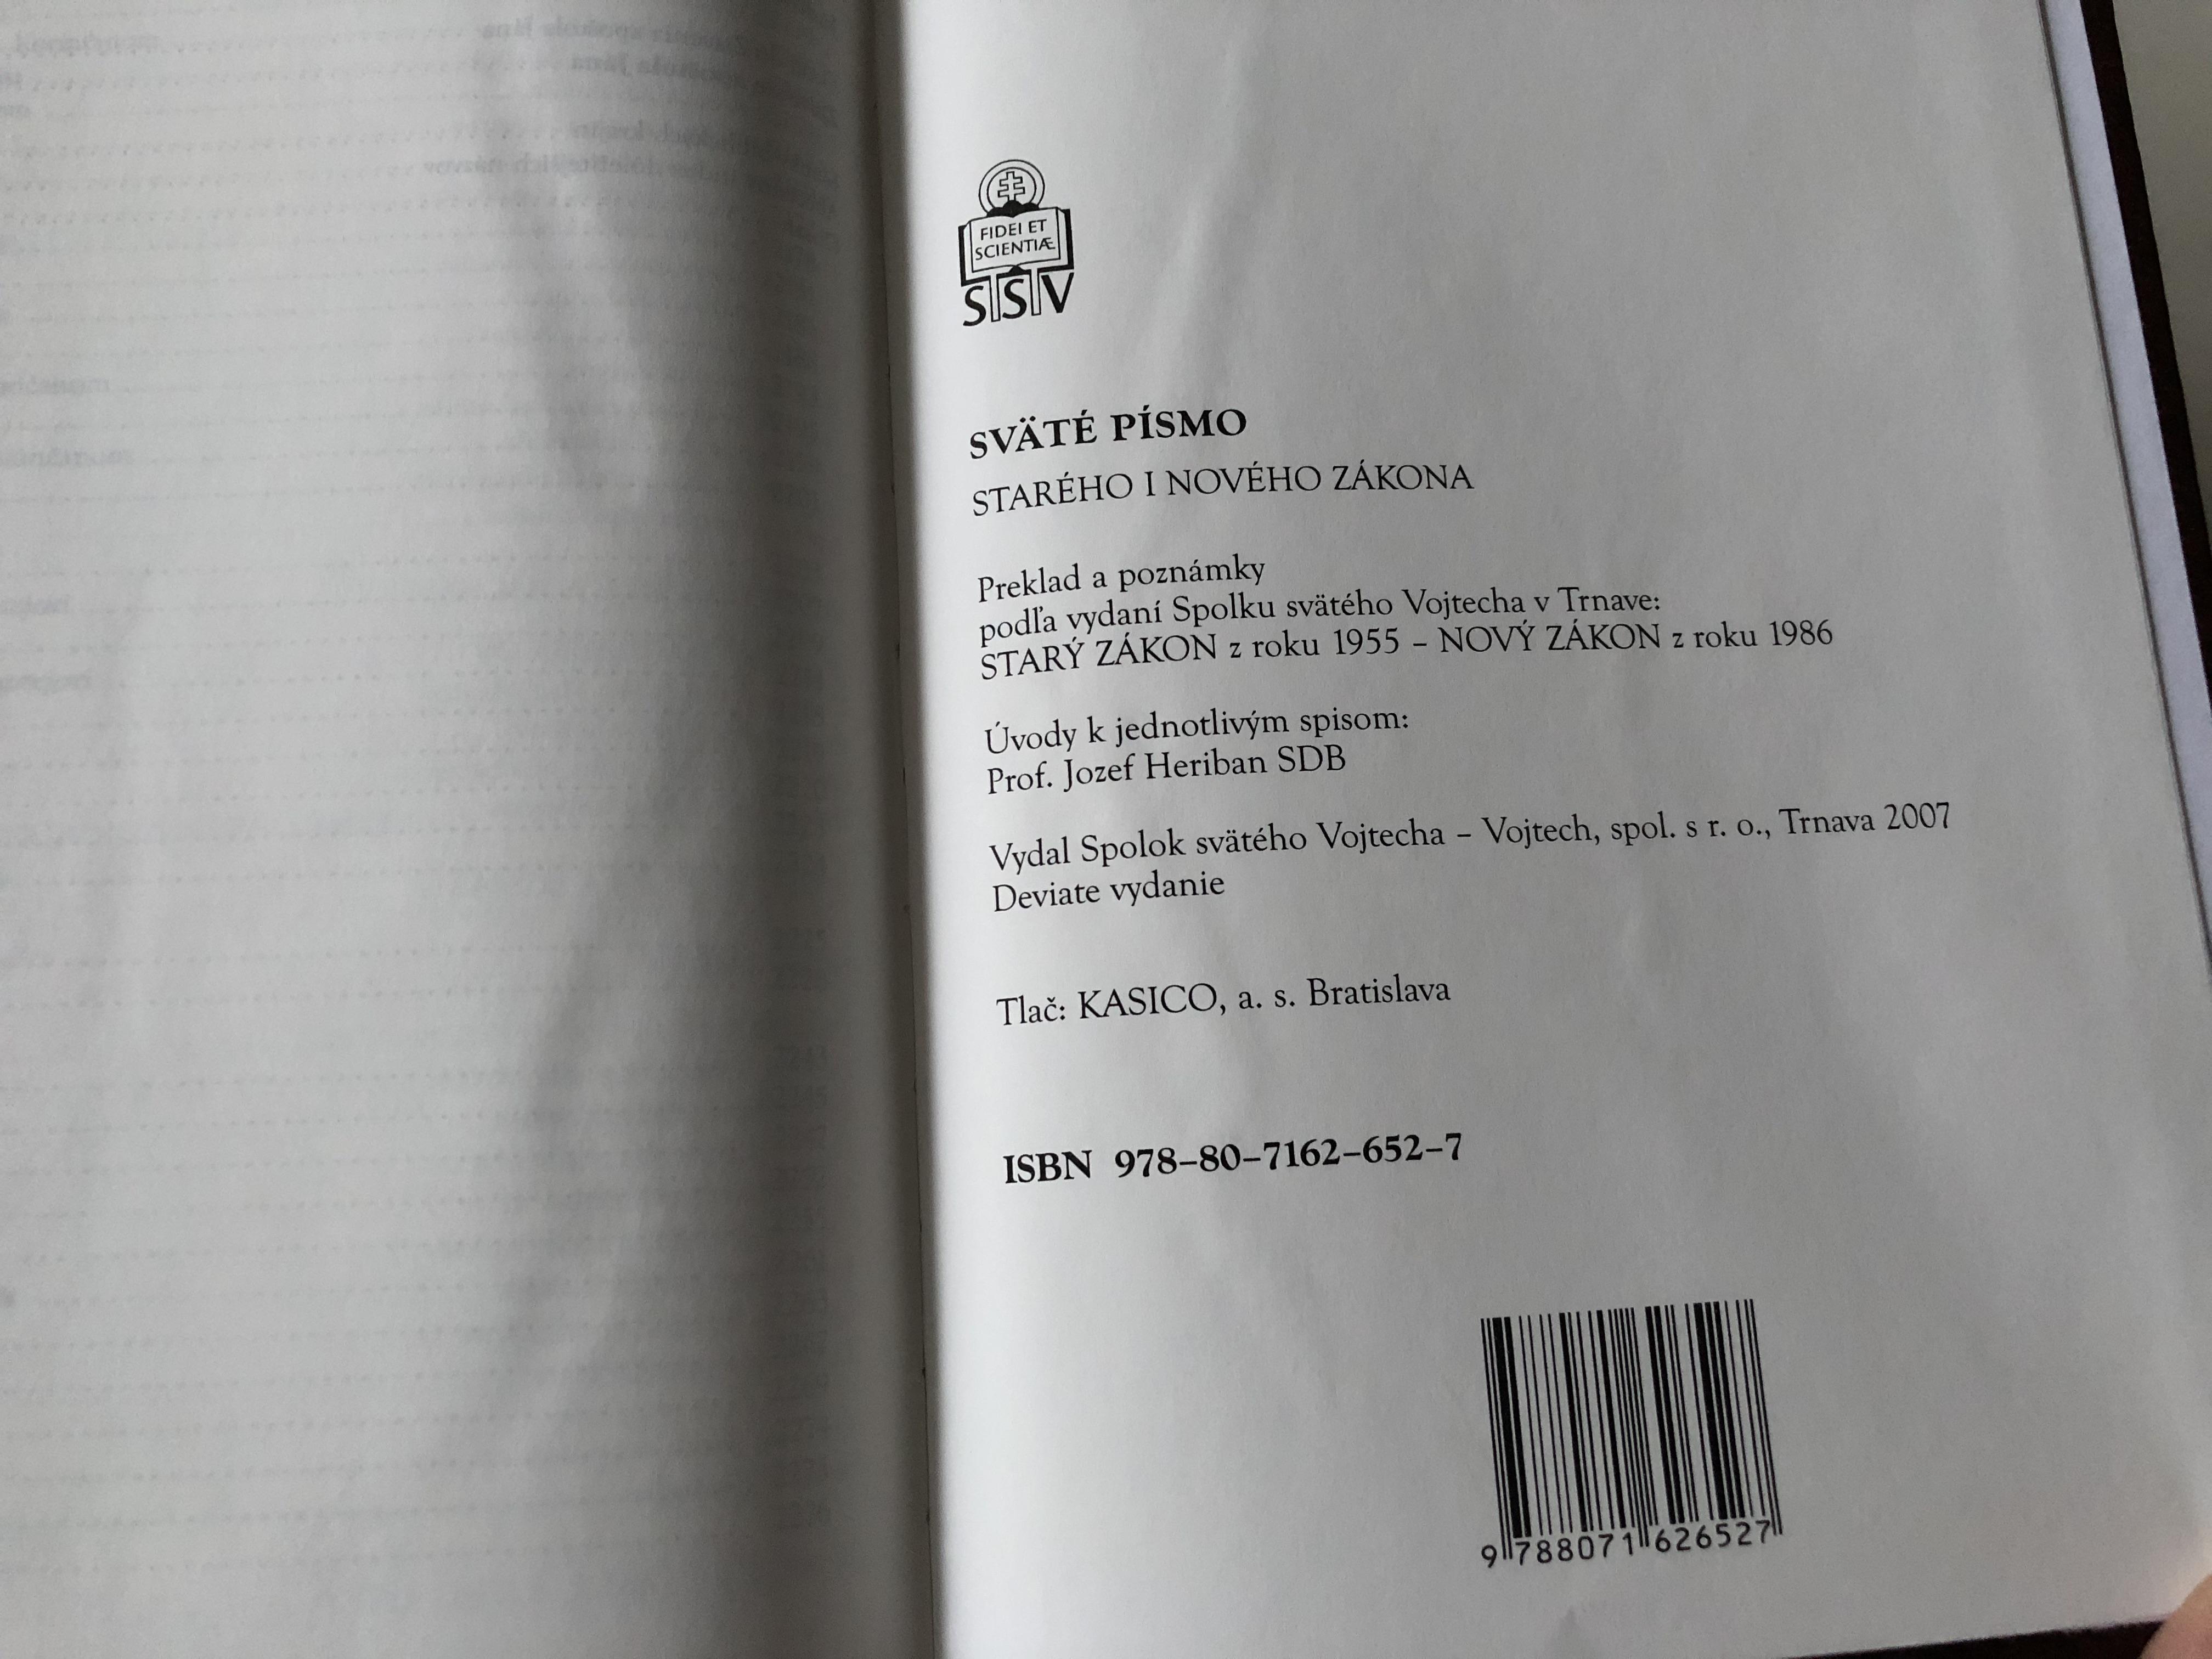 slovak-catholic-study-bible-large-print-with-study-notes-22-.jpg